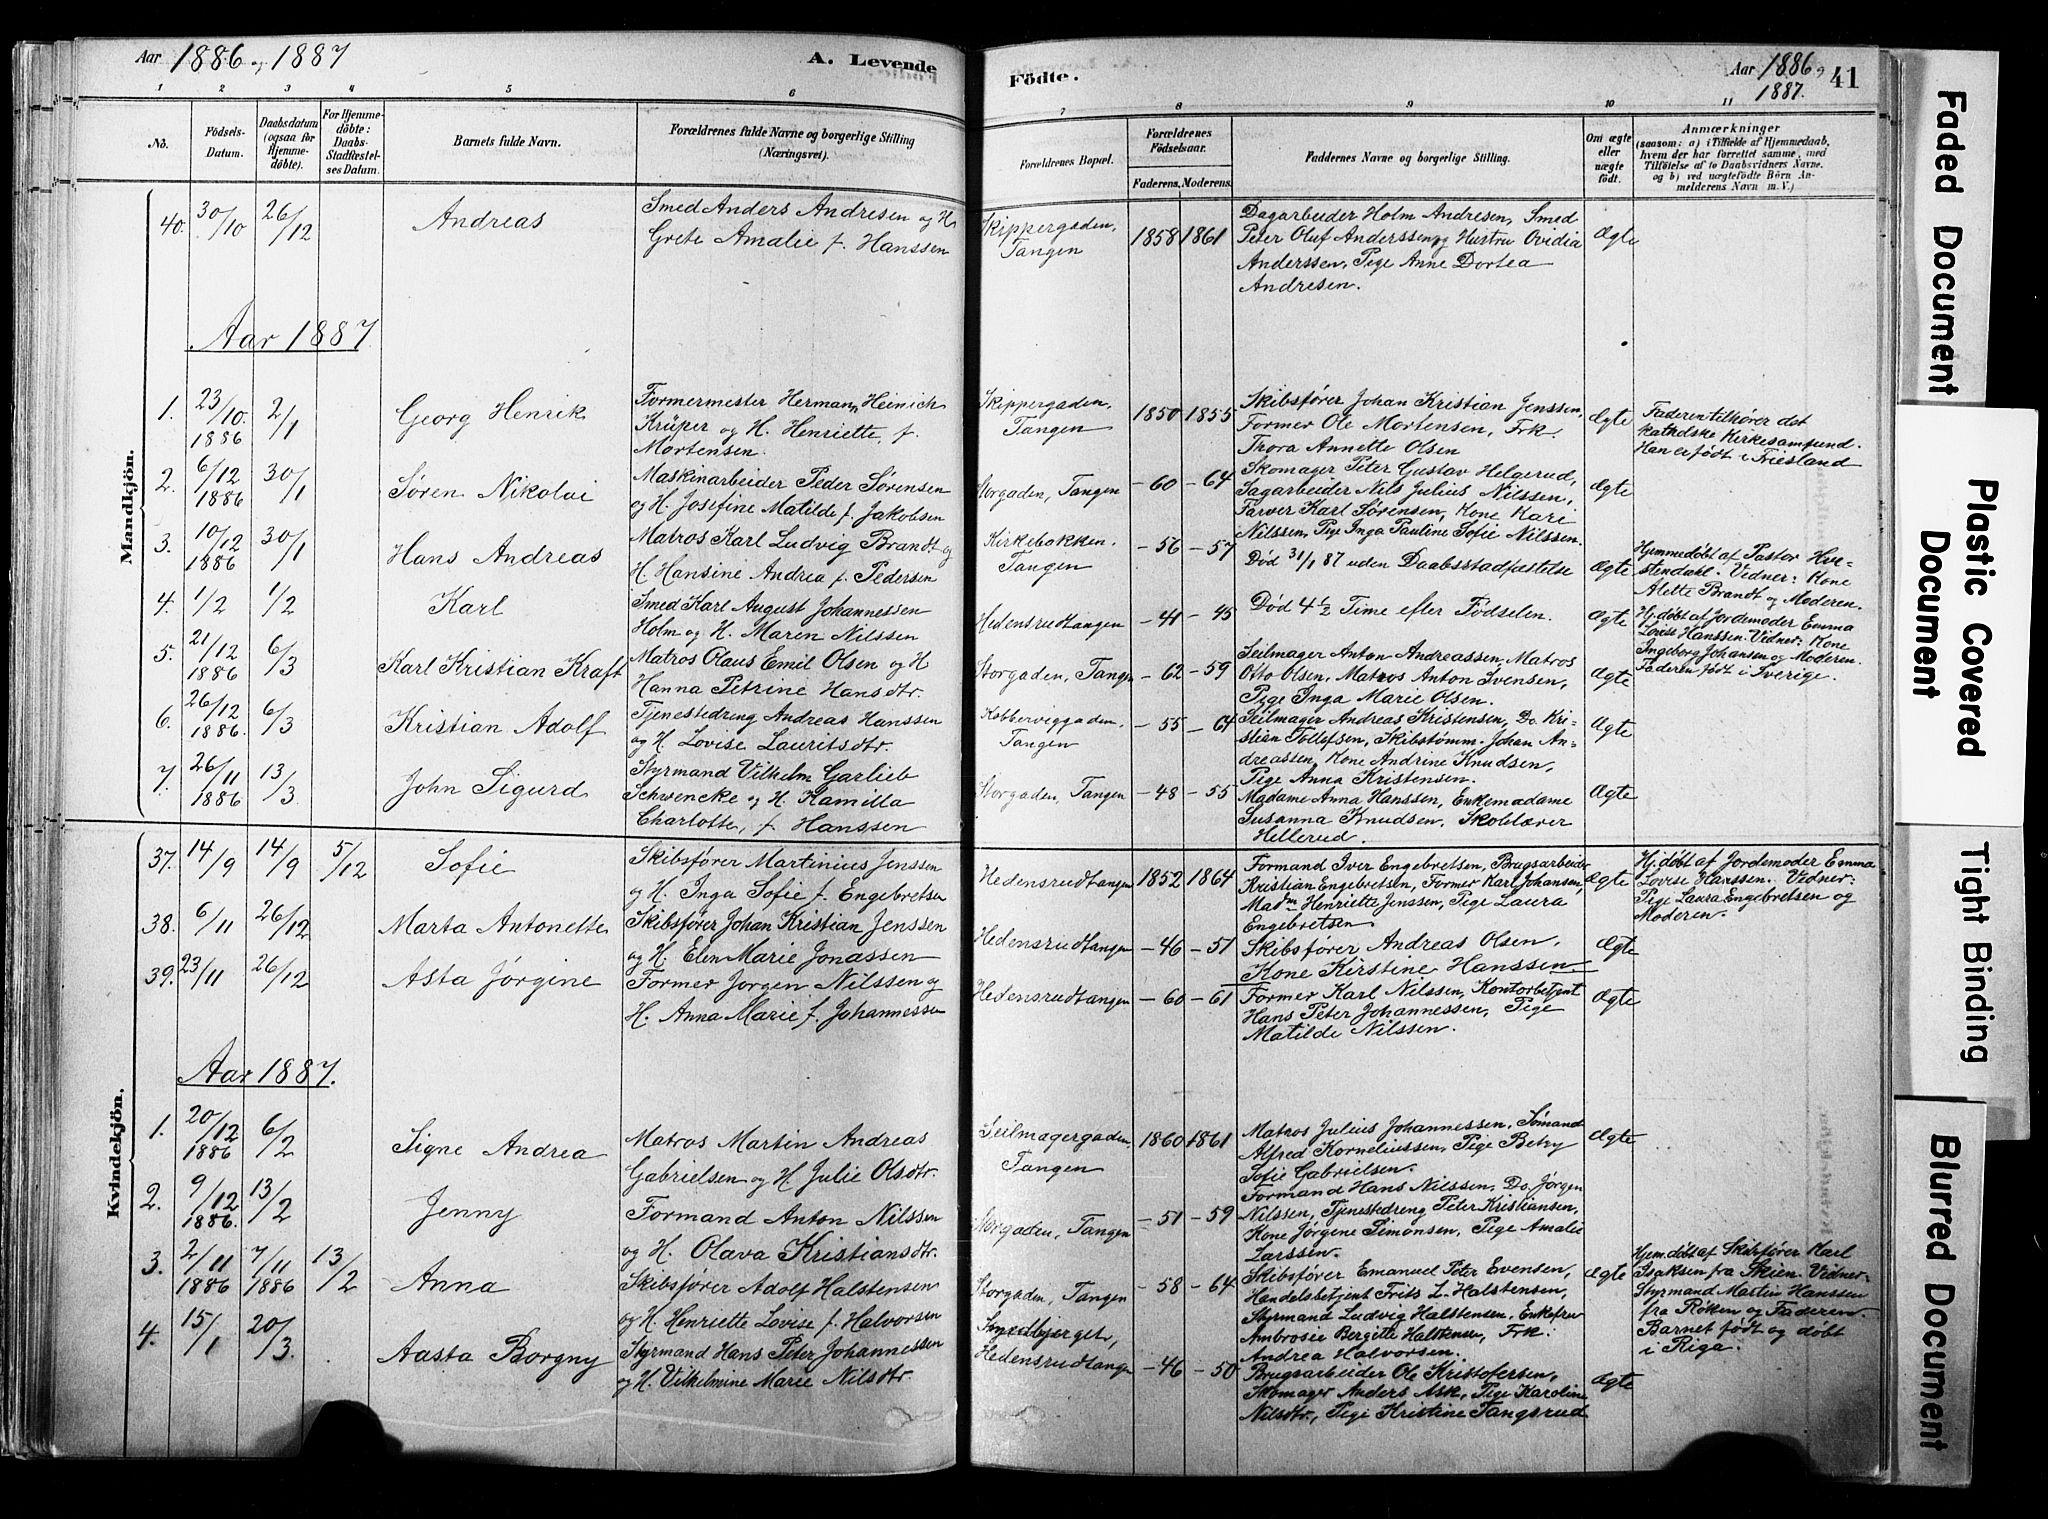 SAKO, Strømsø kirkebøker, F/Fb/L0006: Ministerialbok nr. II 6, 1879-1910, s. 41